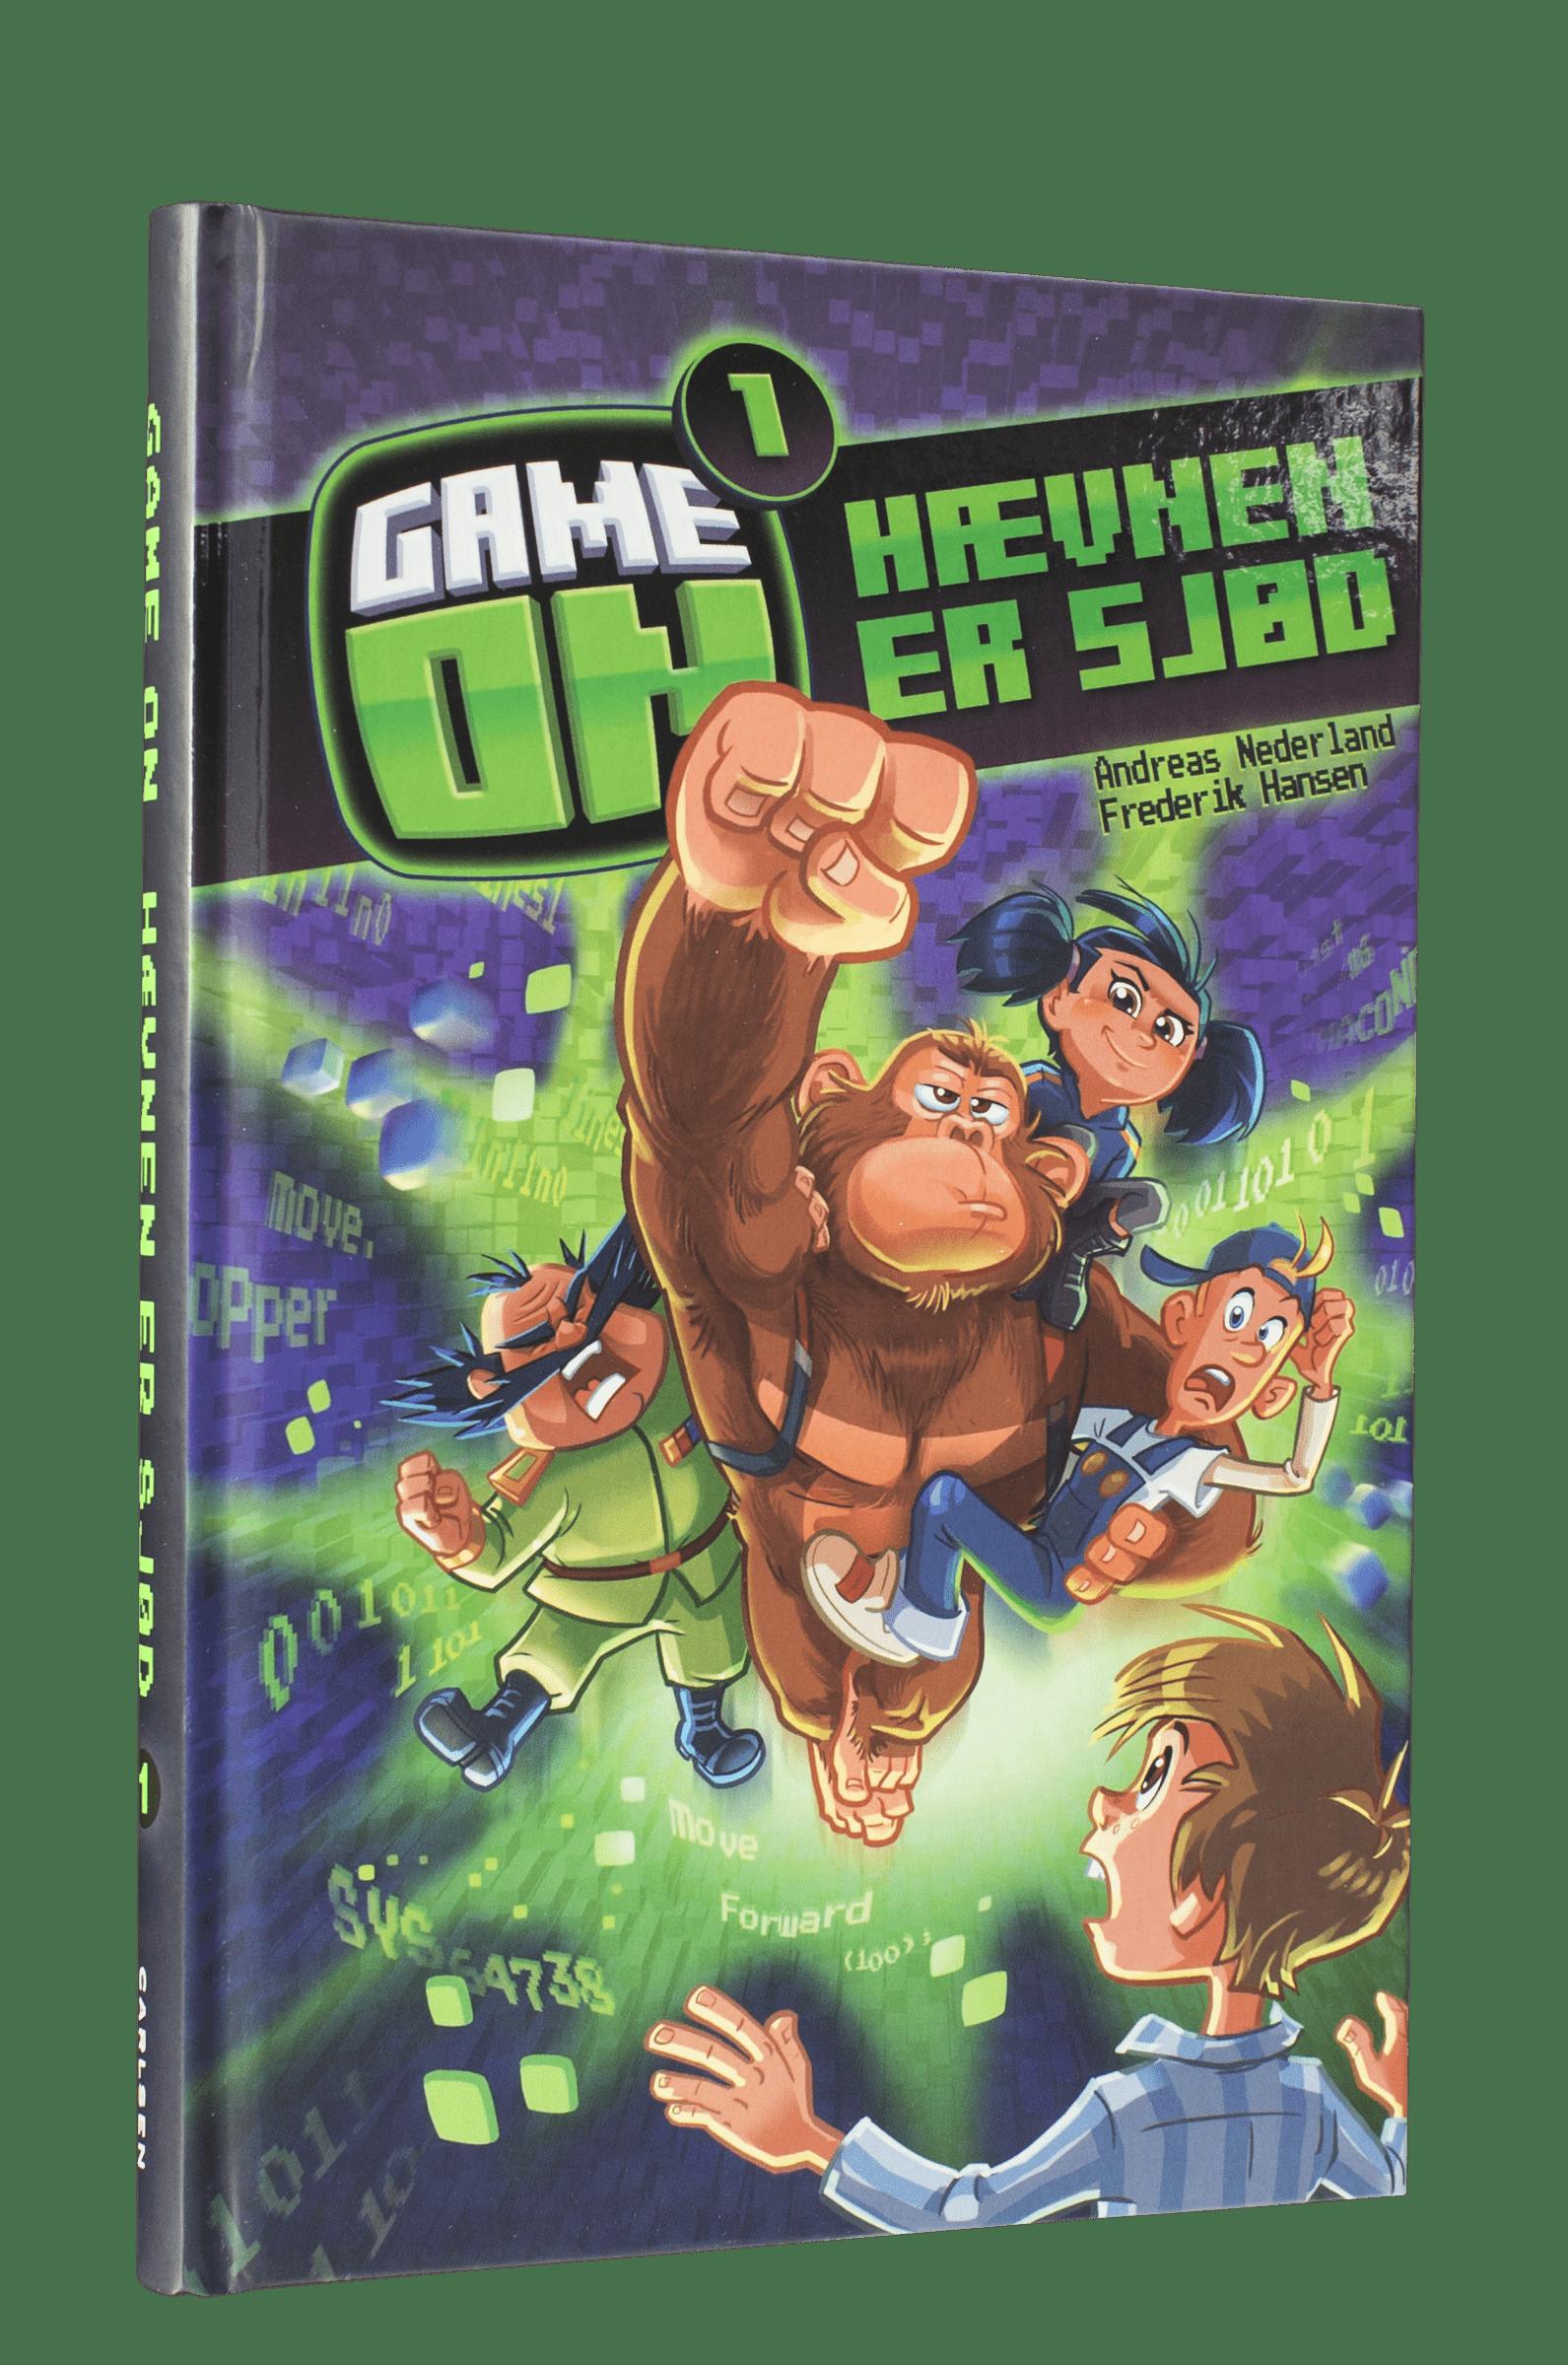 game on, hævnen er sjød, bøger om gamin, bøger om computerspil, børn på nettet, børn på internettet